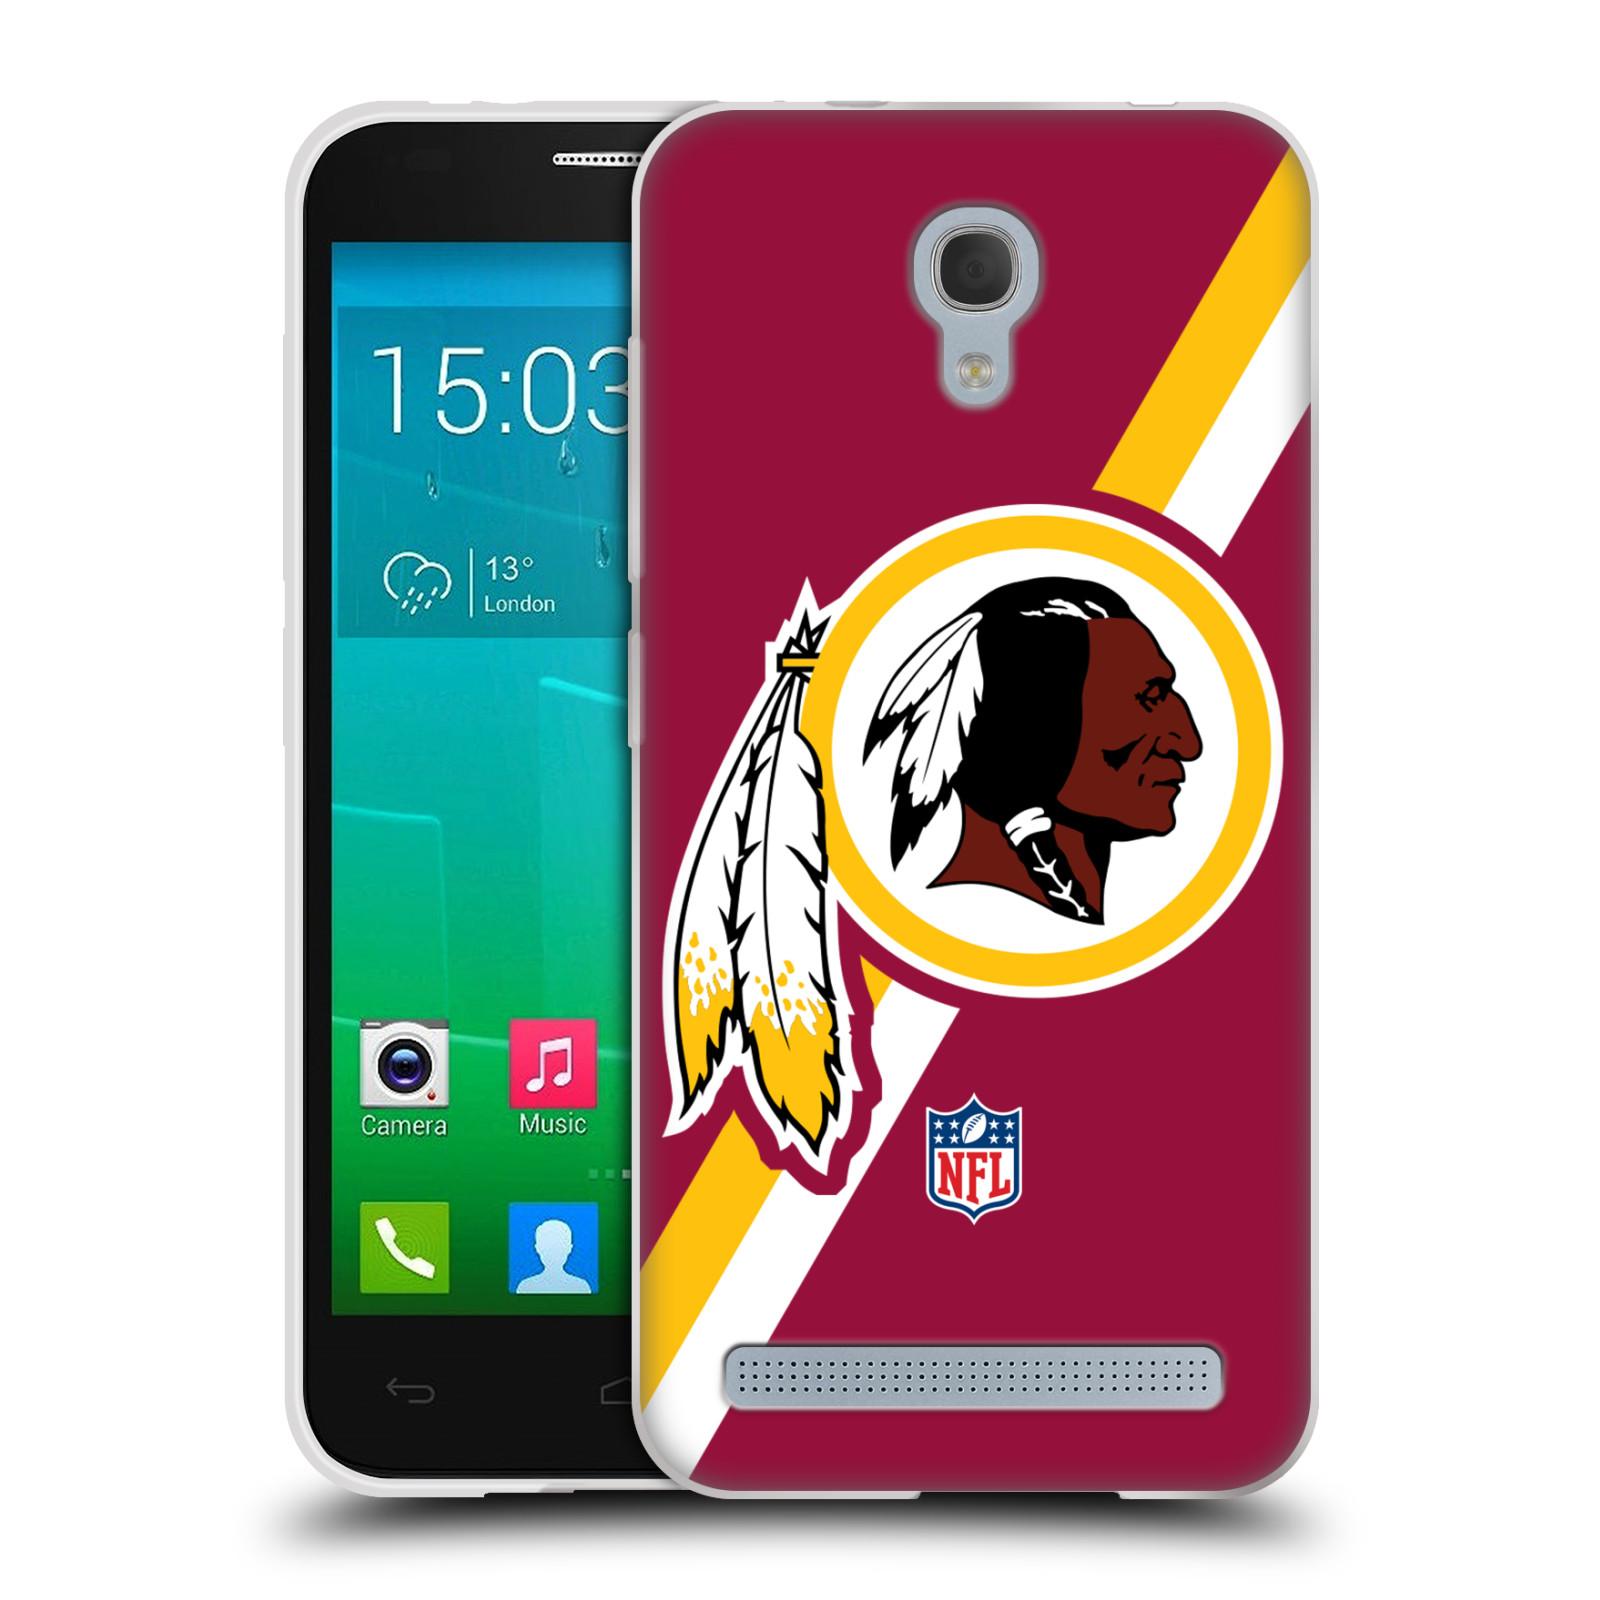 Silikonové pouzdro na mobil Alcatel One Touch Idol 2 Mini S 6036Y HEAD CASE NFL - Washington Redskins (Silikonový kryt či obal na mobilní telefon licencovaným motivem NFL pro Alcatel Idol 2 Mini S OT-6036Y)